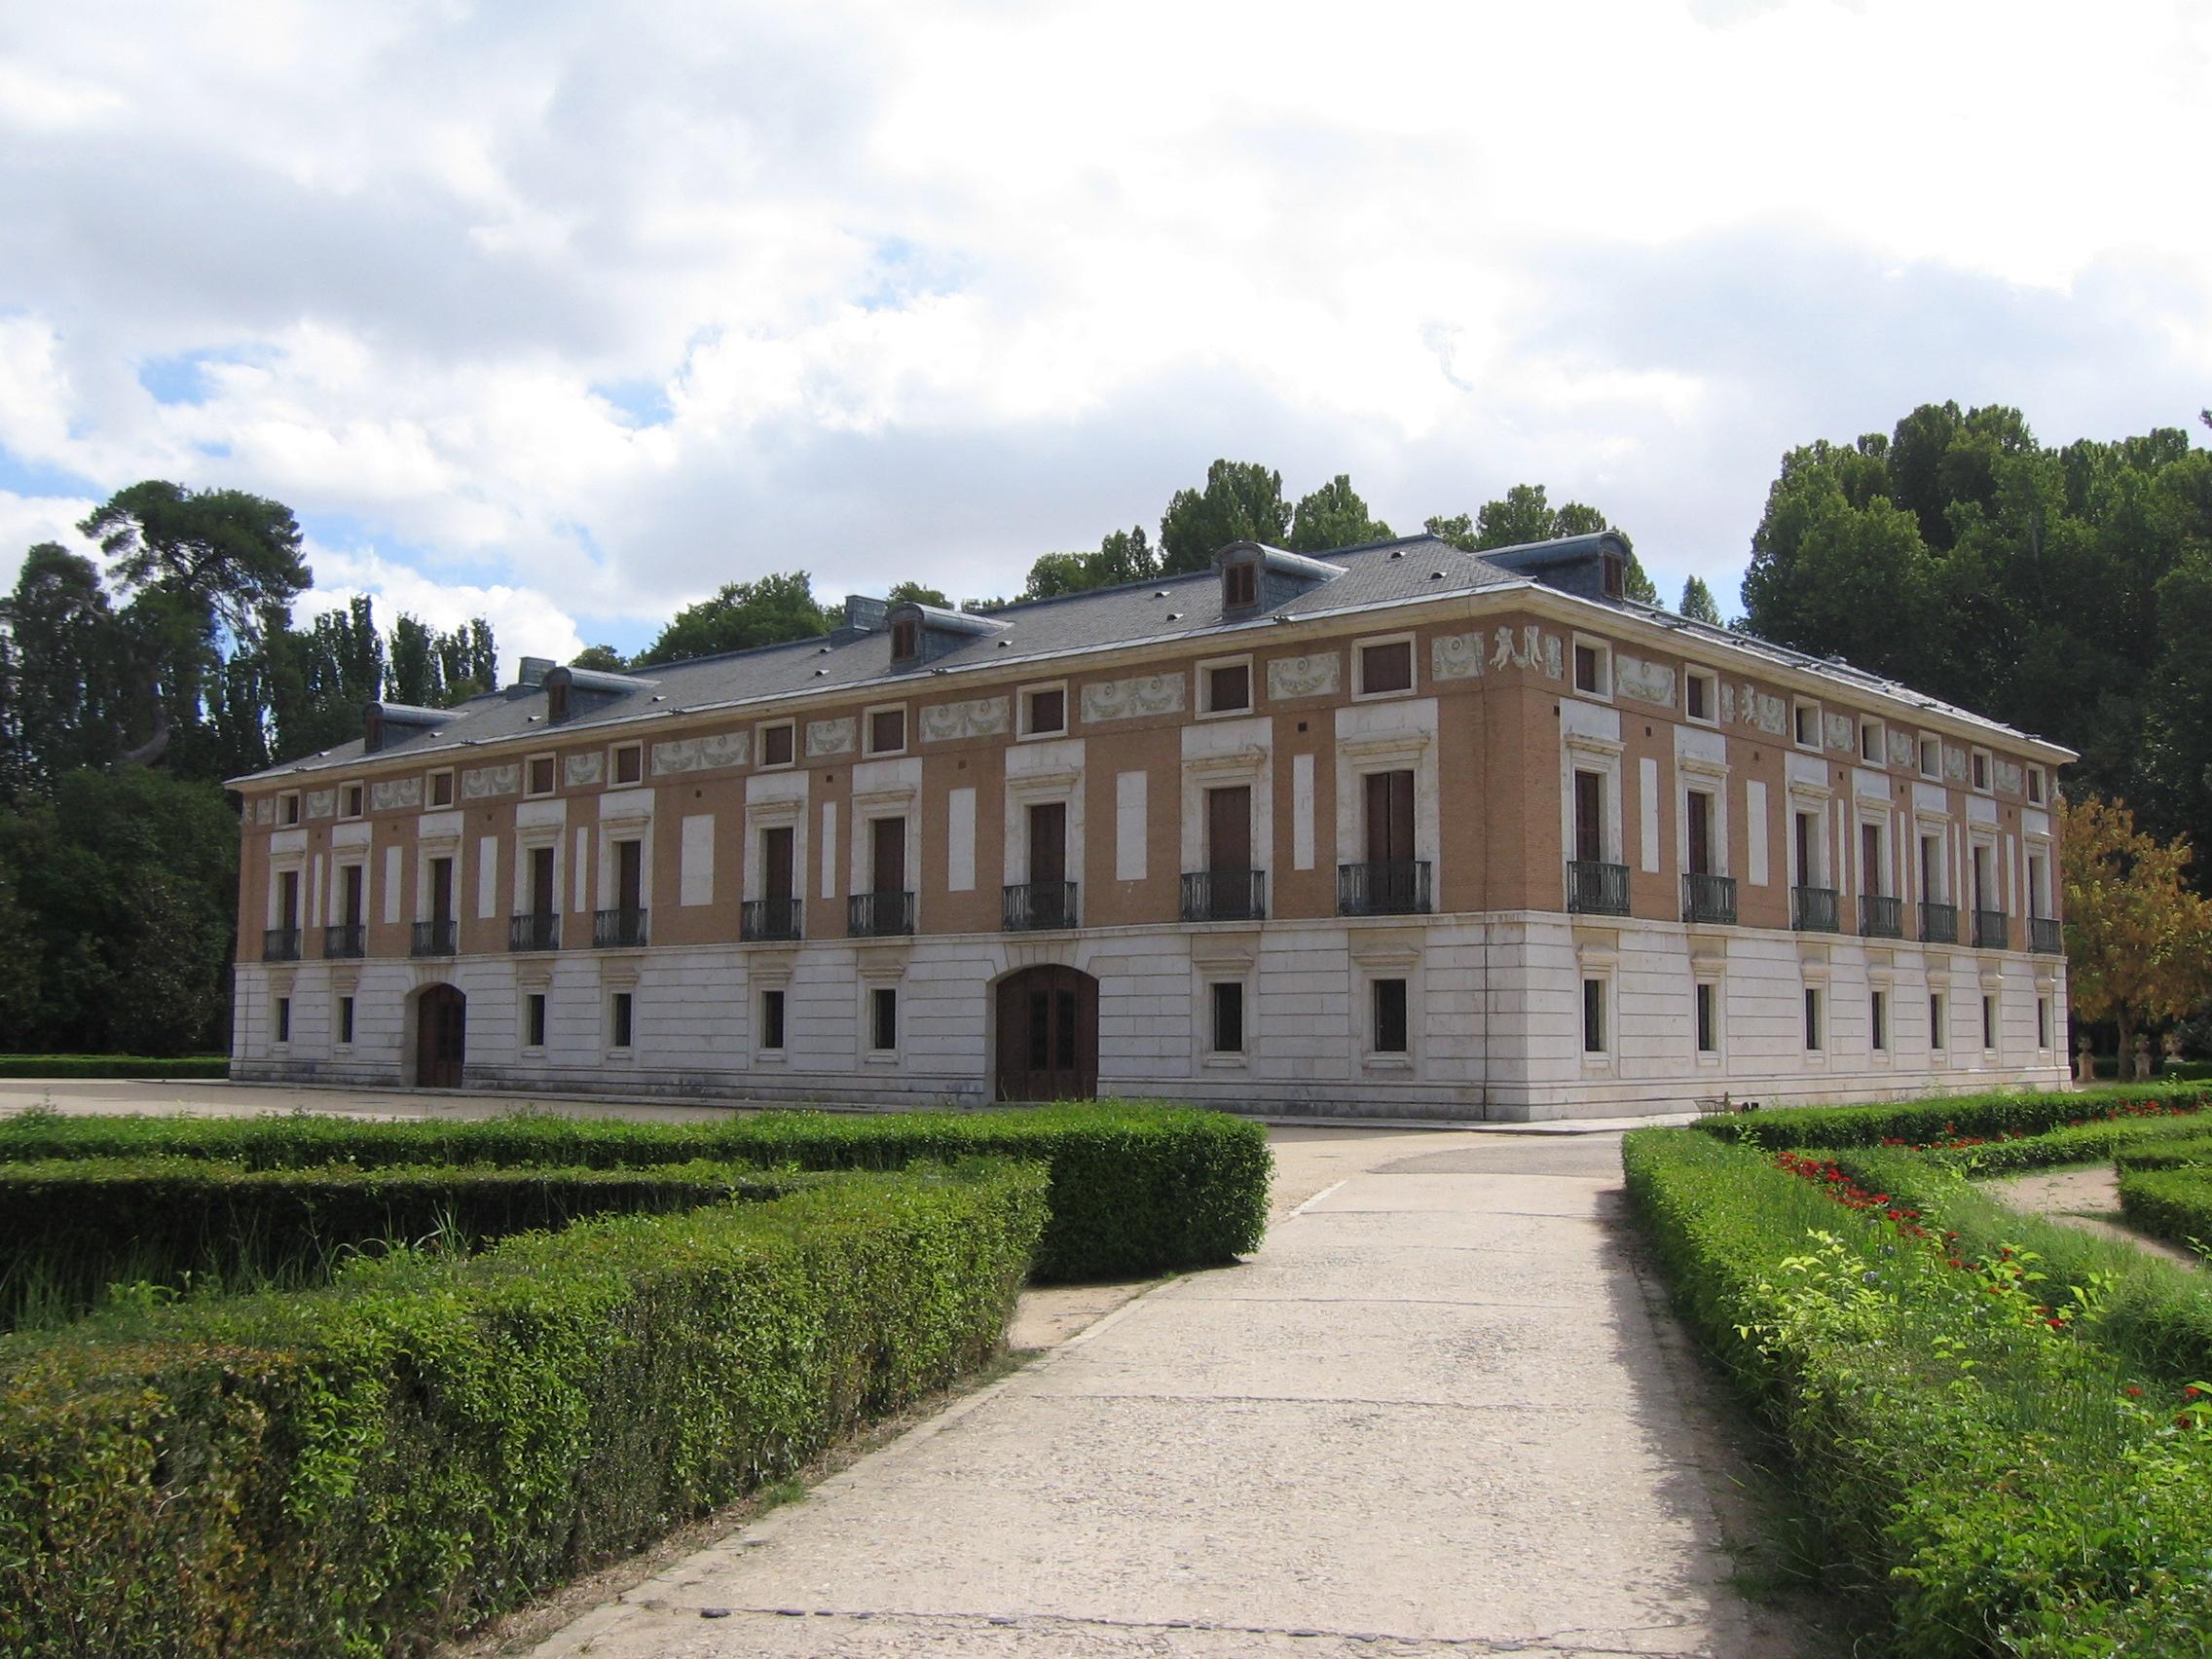 La real casa del labrador en aranjuez blog de viajes for La casa del retal